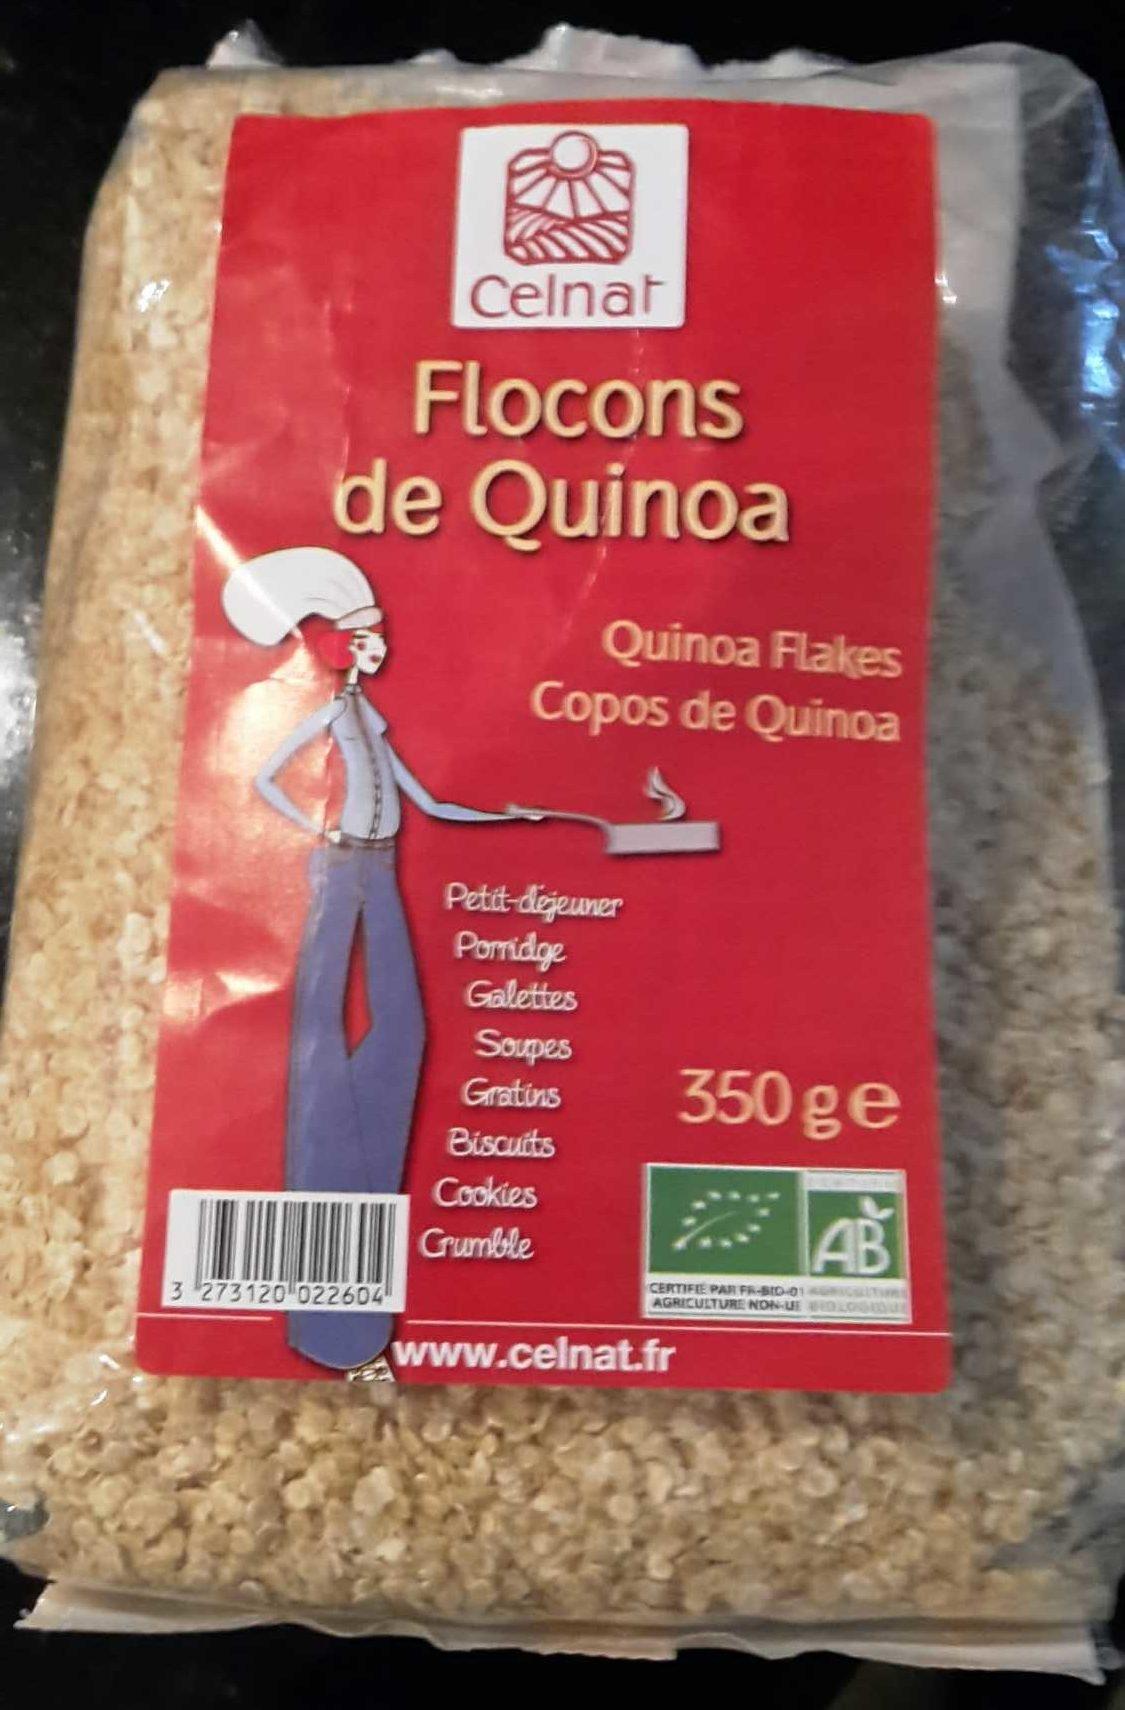 Flocons de Quinoa - Product